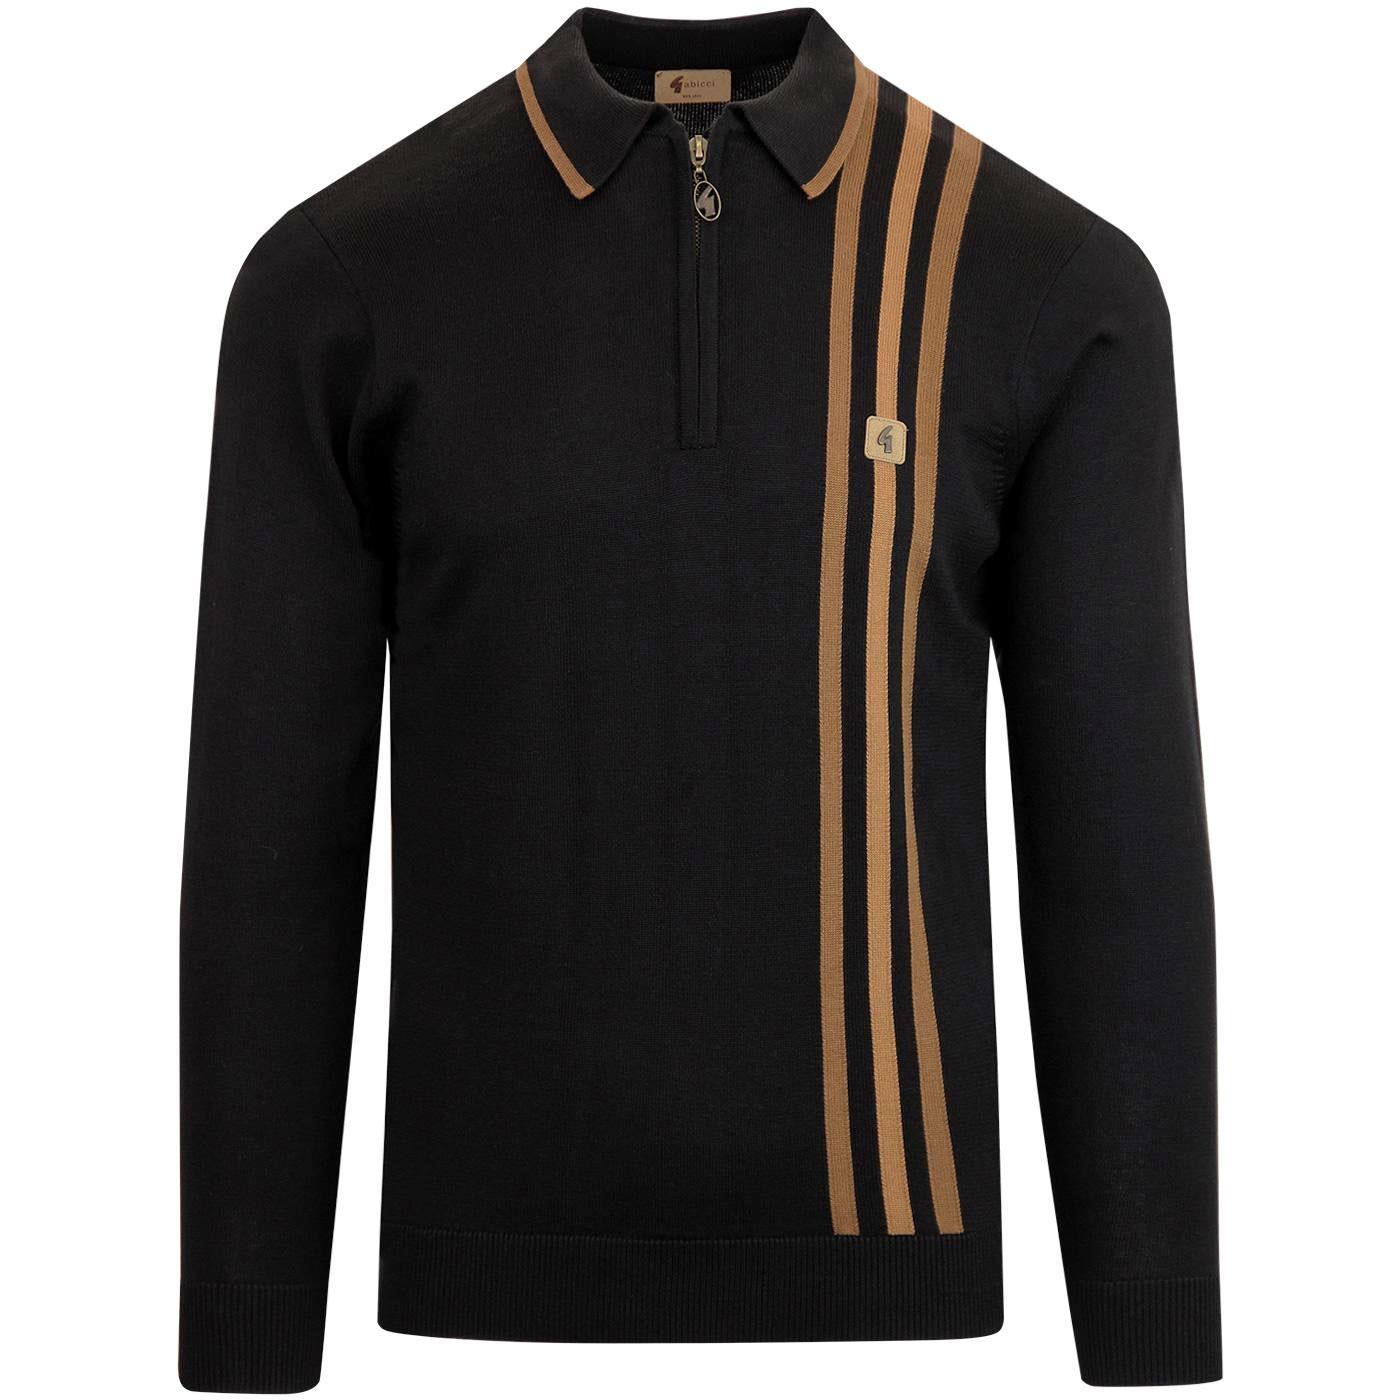 Blade GABICCI VINTAGE Mod Stripe Knit Polo (Black)